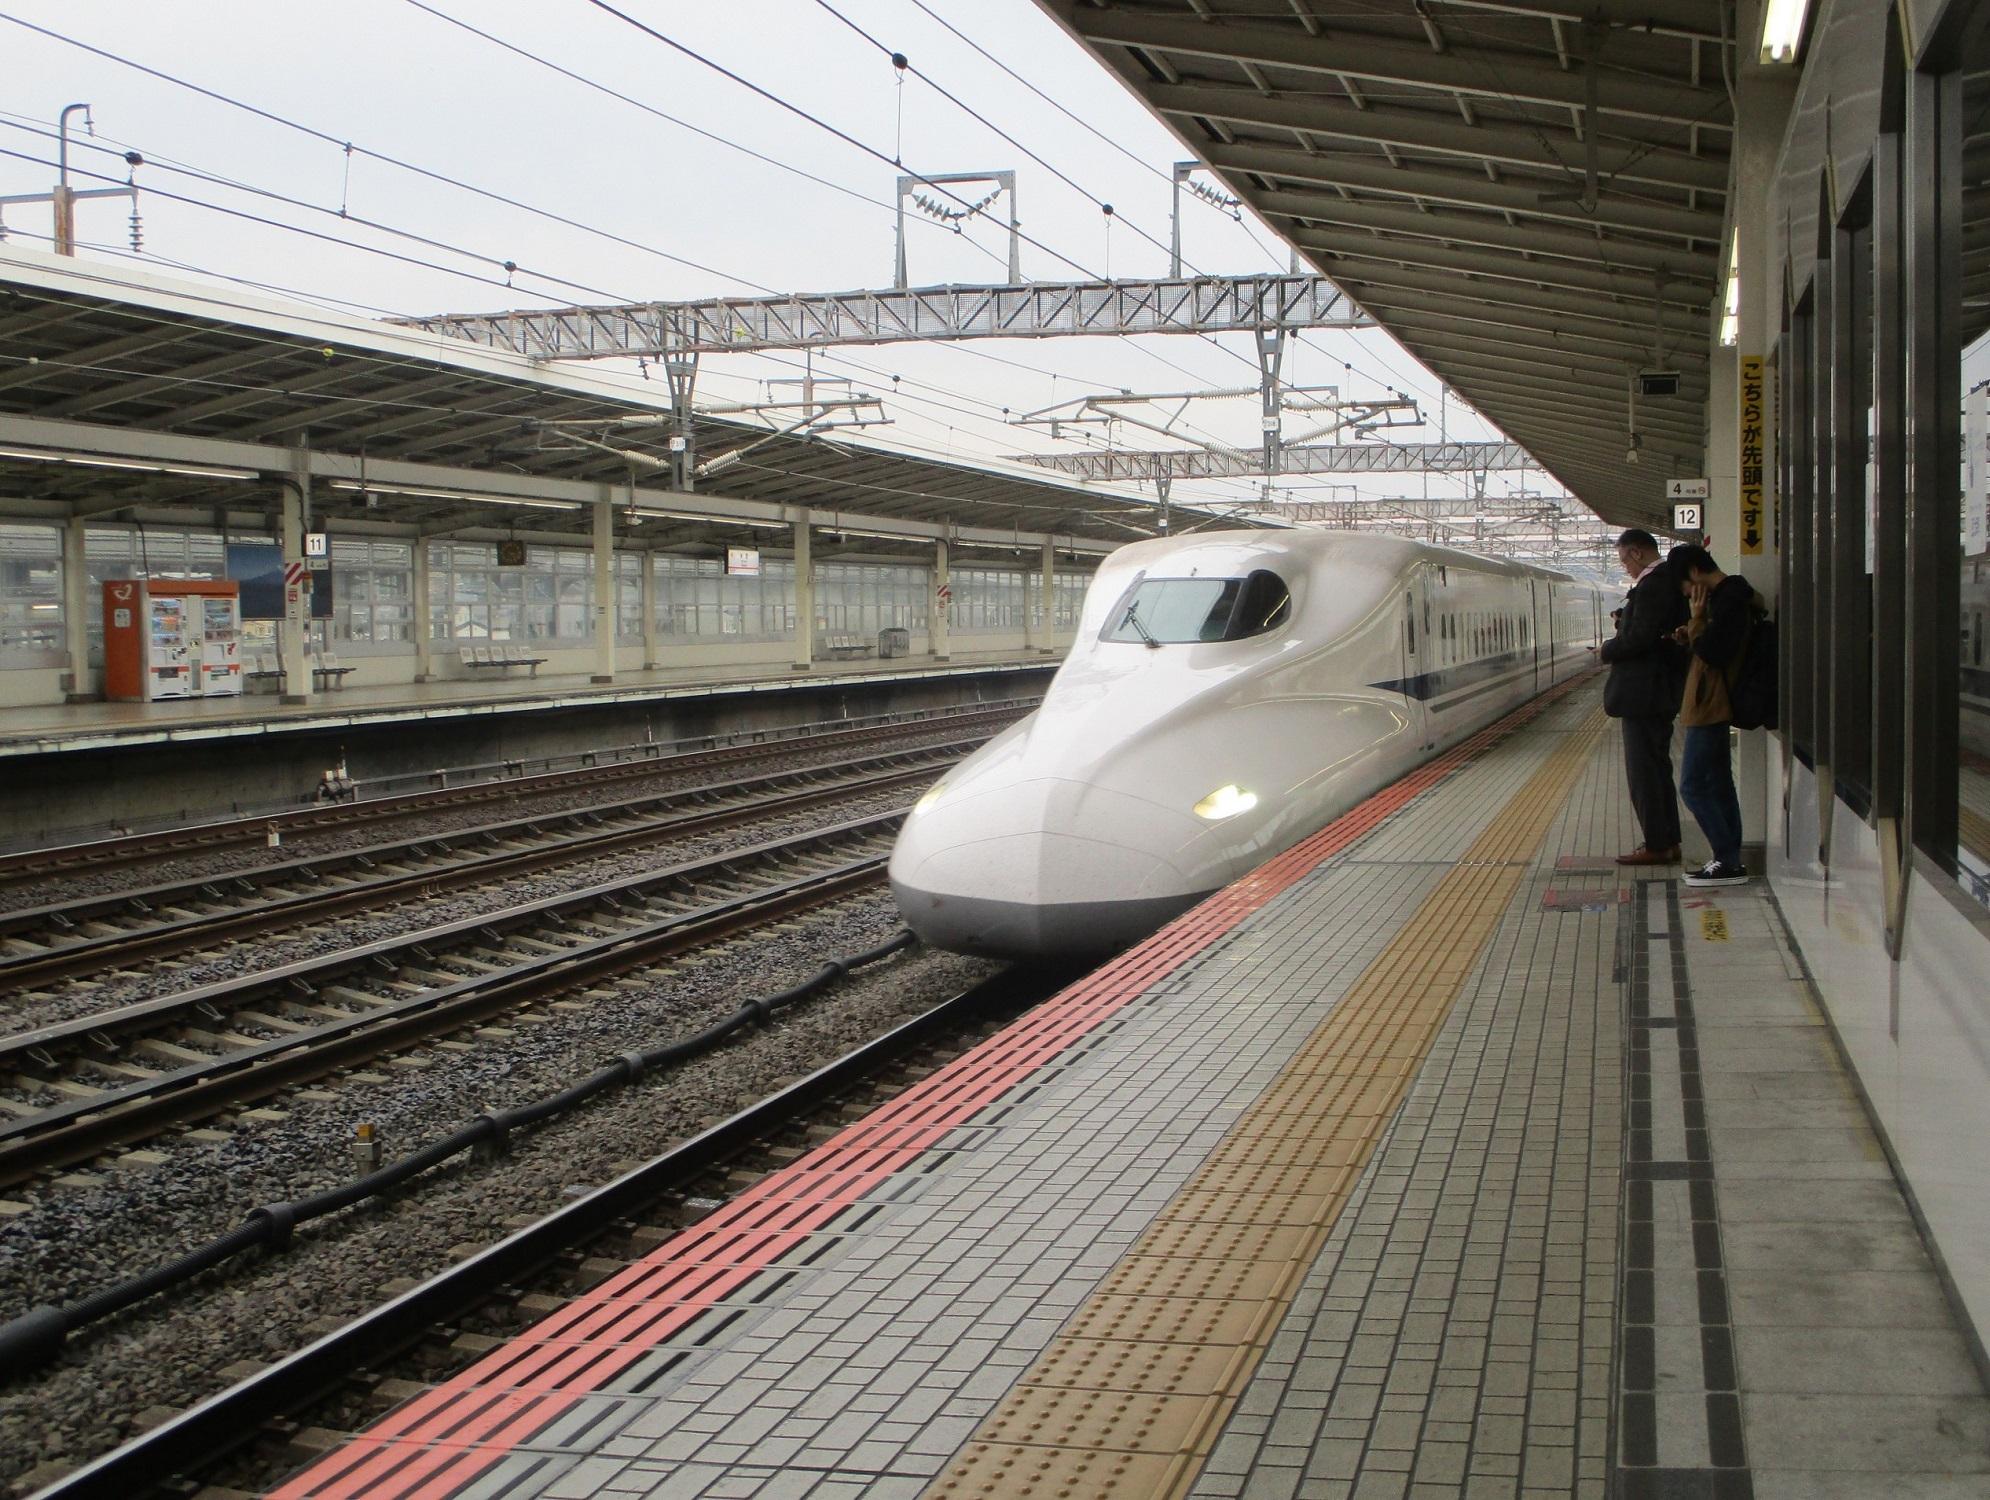 2019.11.7 (127) 米原 - 東京いきこだま号 1990-1500